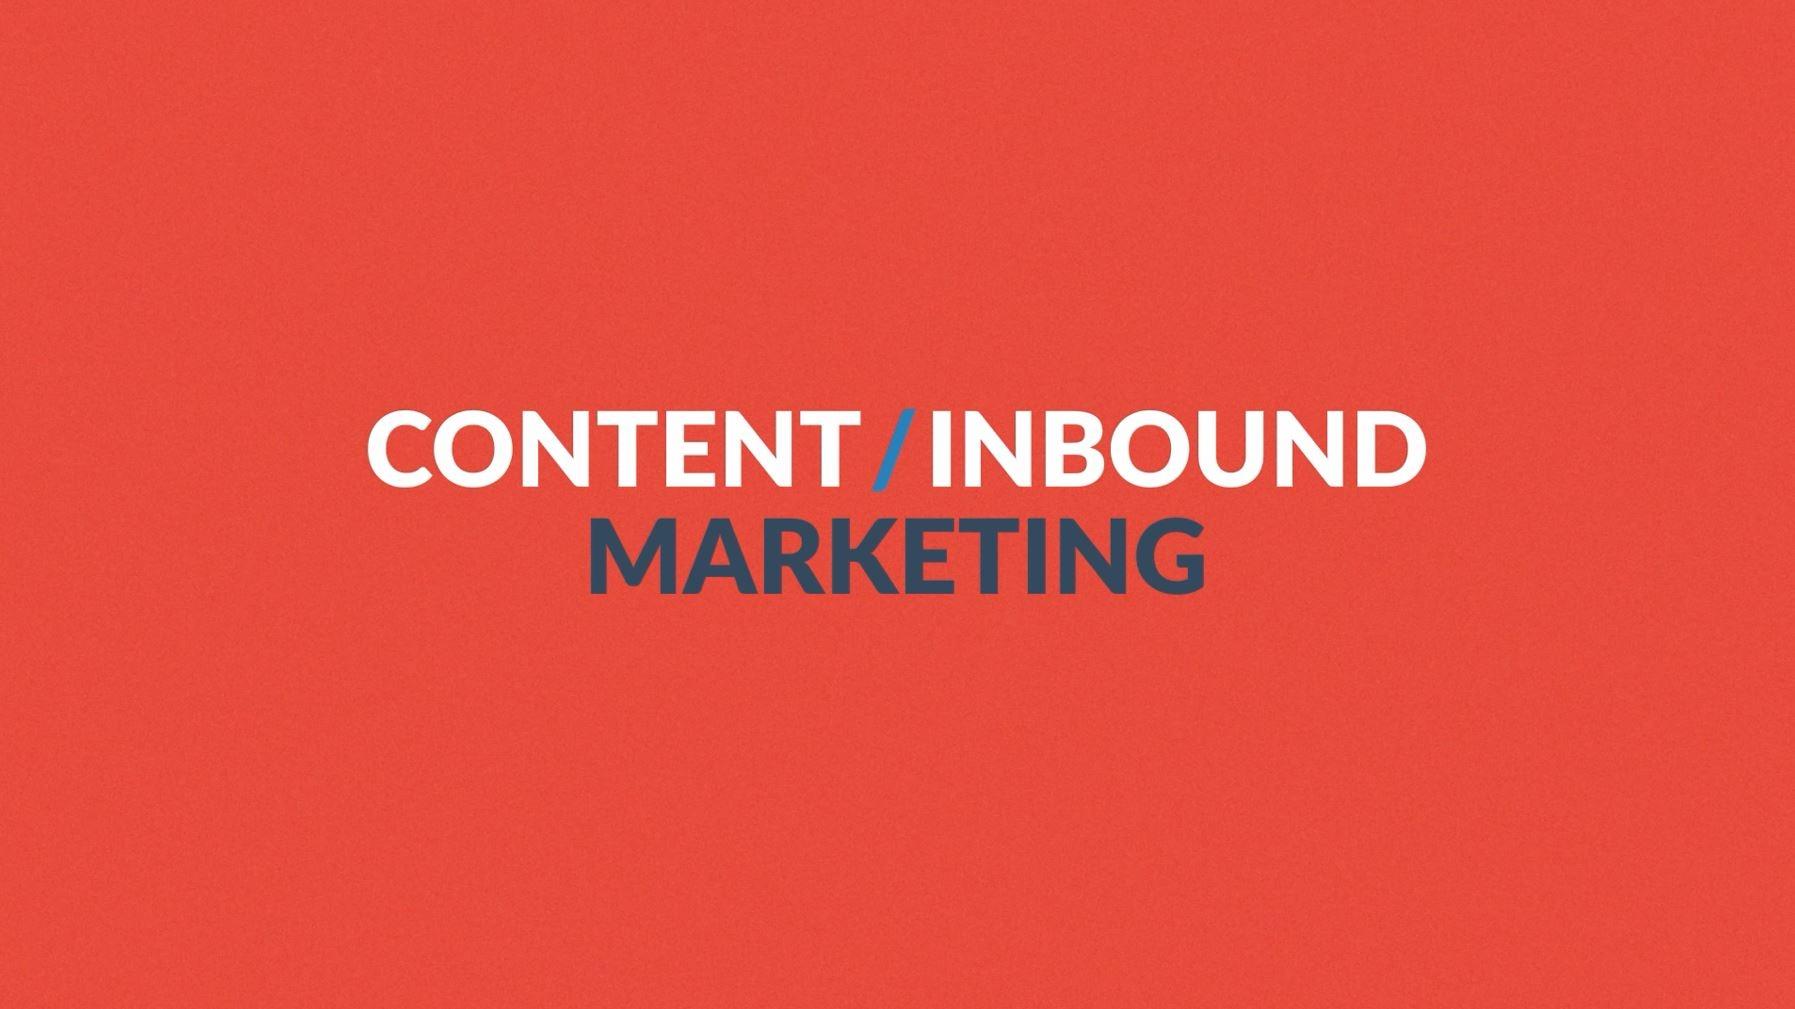 Erklärung: Content / Inbound Marketing ist ein kompletter Marketing Prozess, der berücksichtigt wie sich Kunden heute informieren und wie sie kaufen